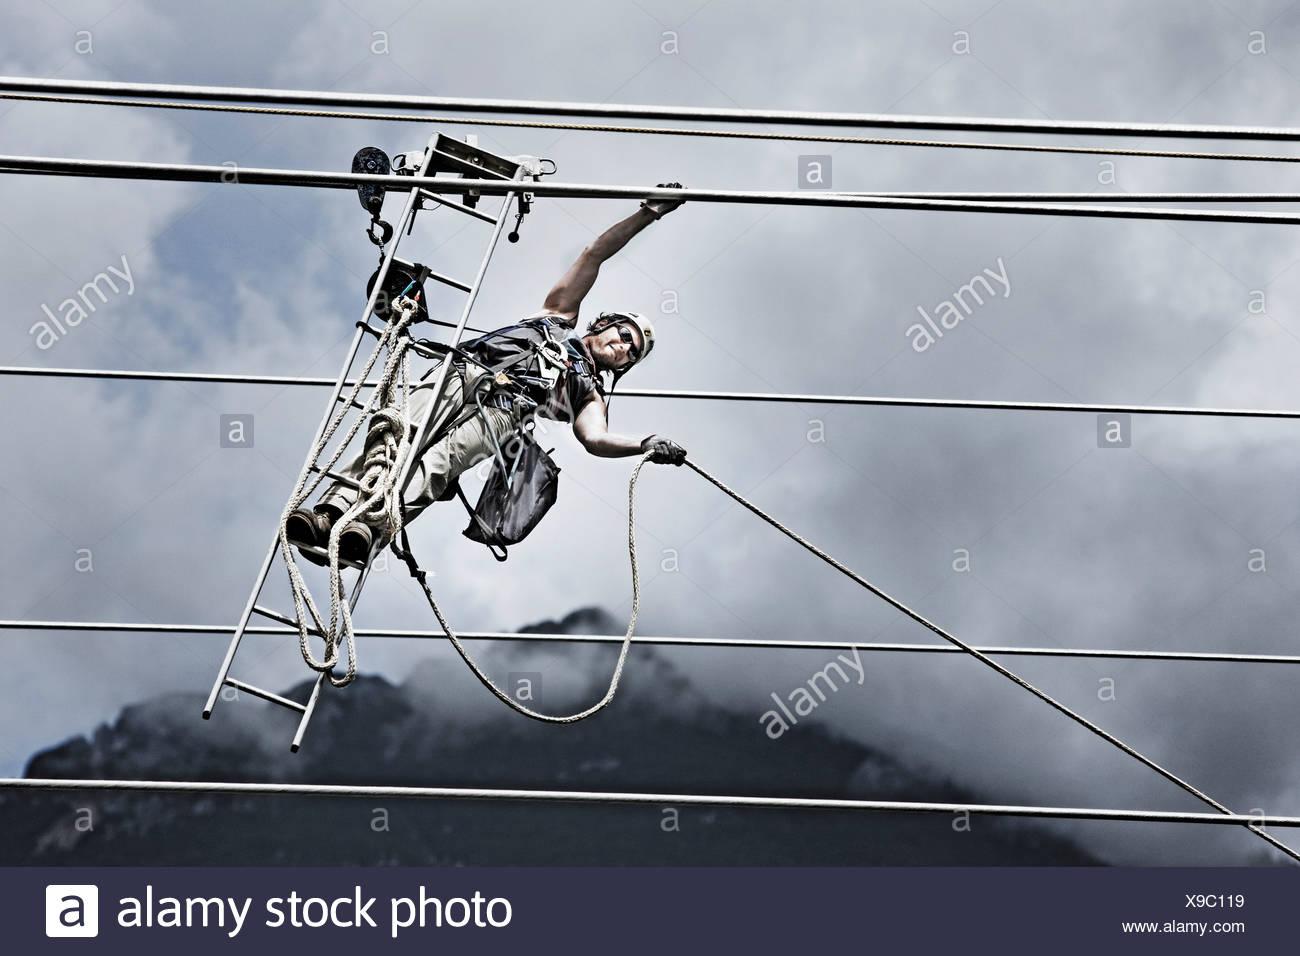 Technicien de service haute tension tirant une corde pour obtenir au prochain pylône Banque D'Images